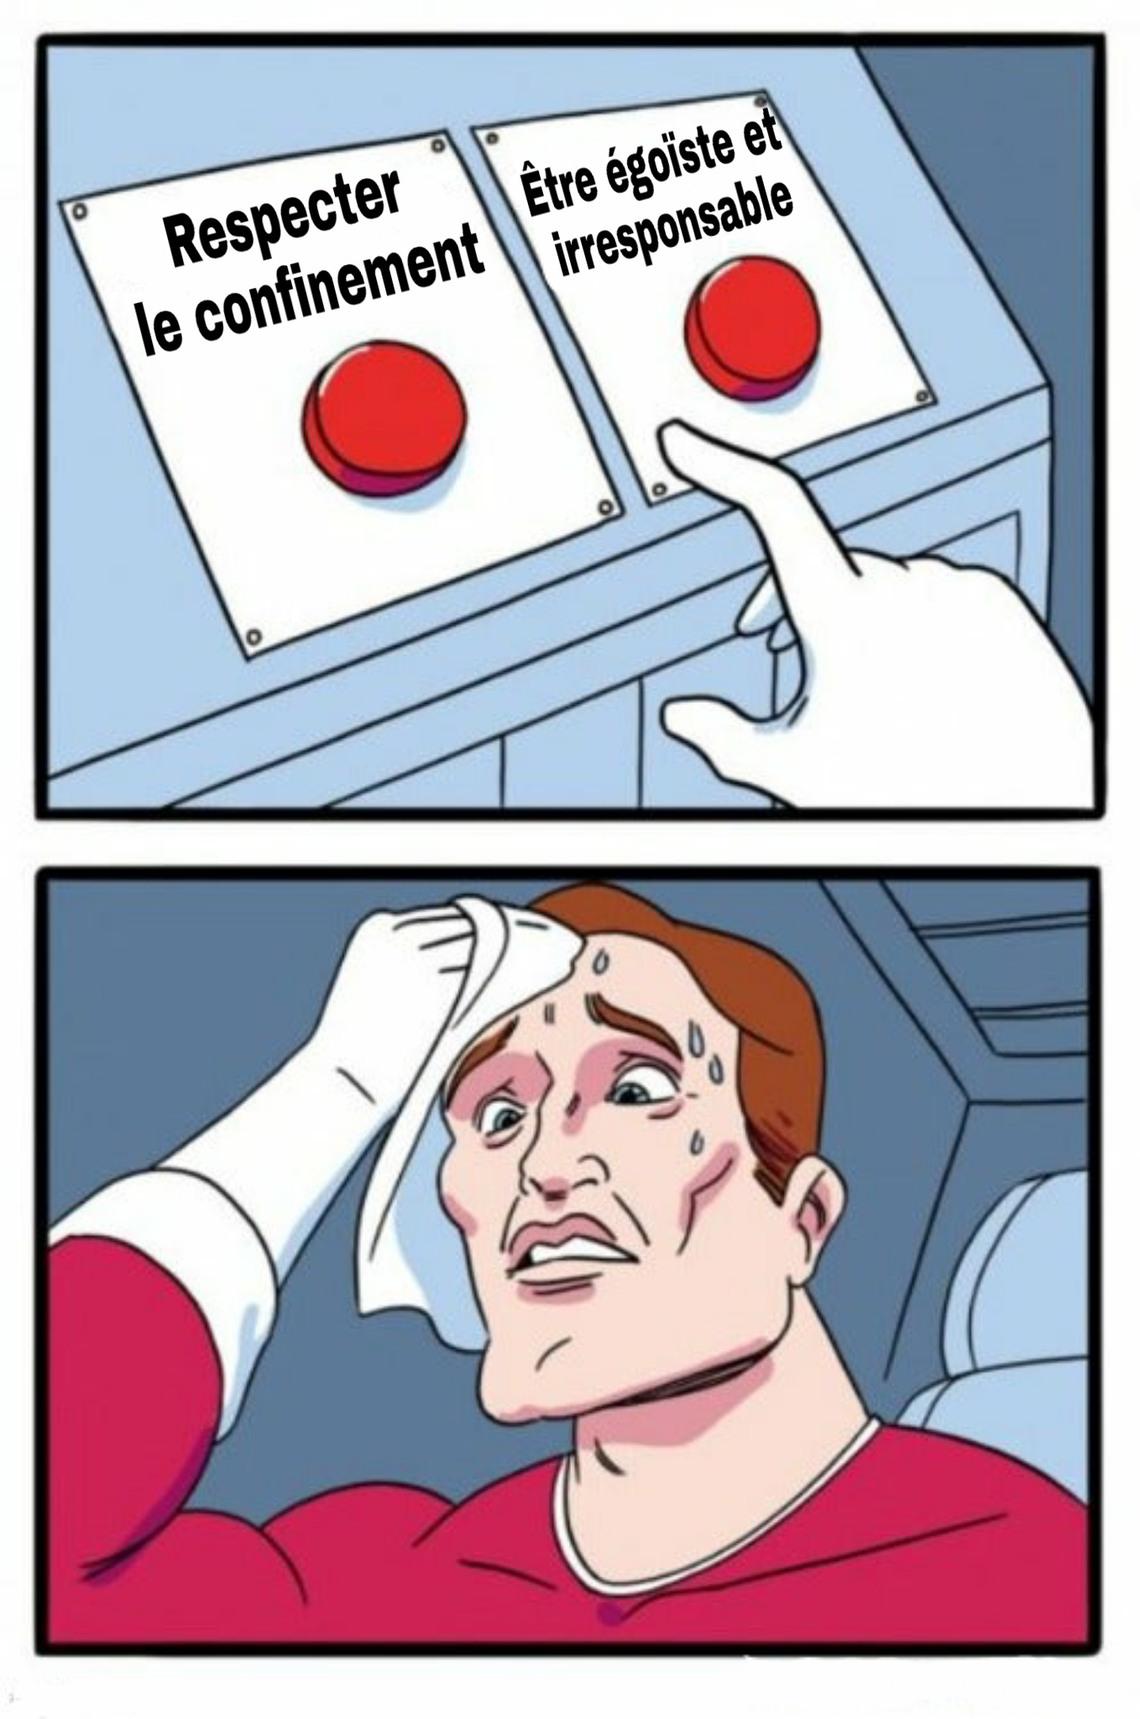 Sacrés Français - meme